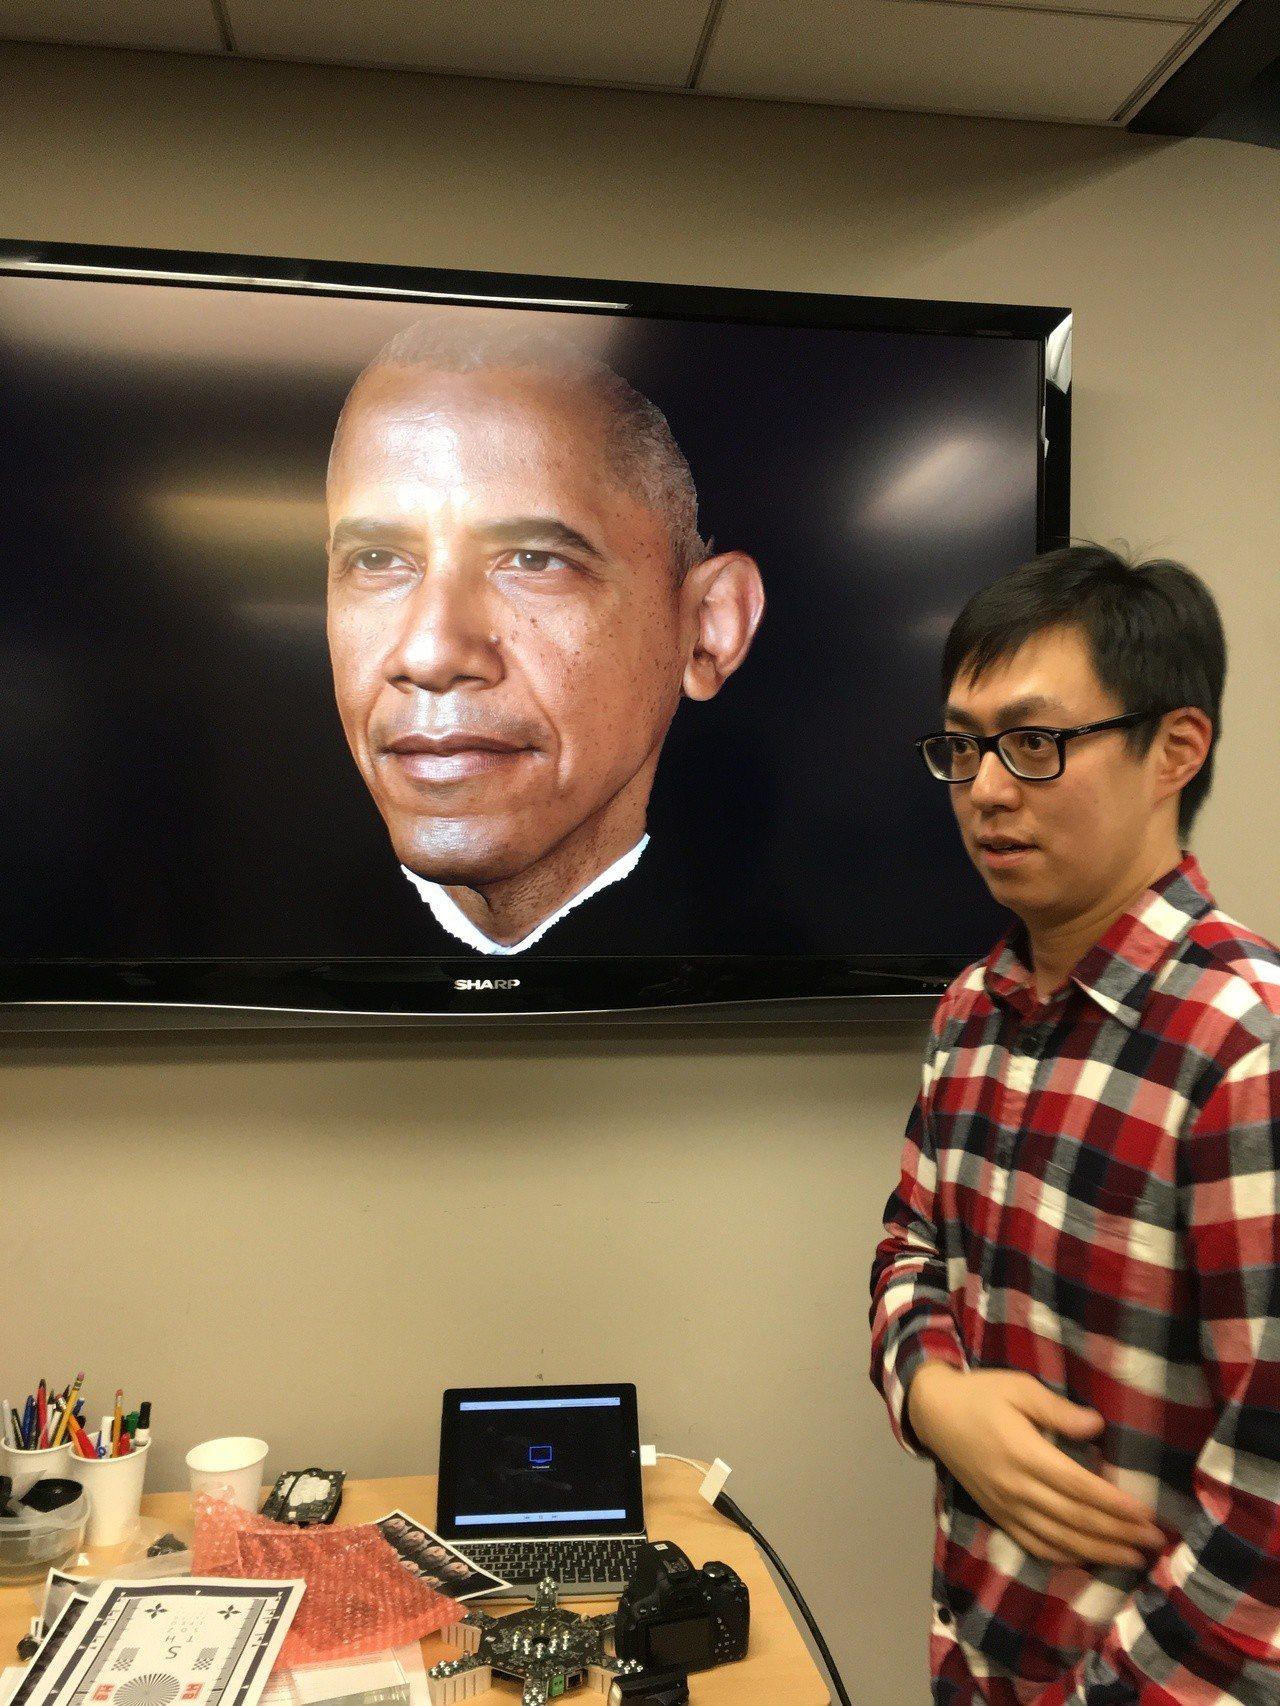 美國前總統歐巴馬的白宮畢業照,也是運用馬萬鈞的臉部捕捉技術拍照。圖/文化部提供